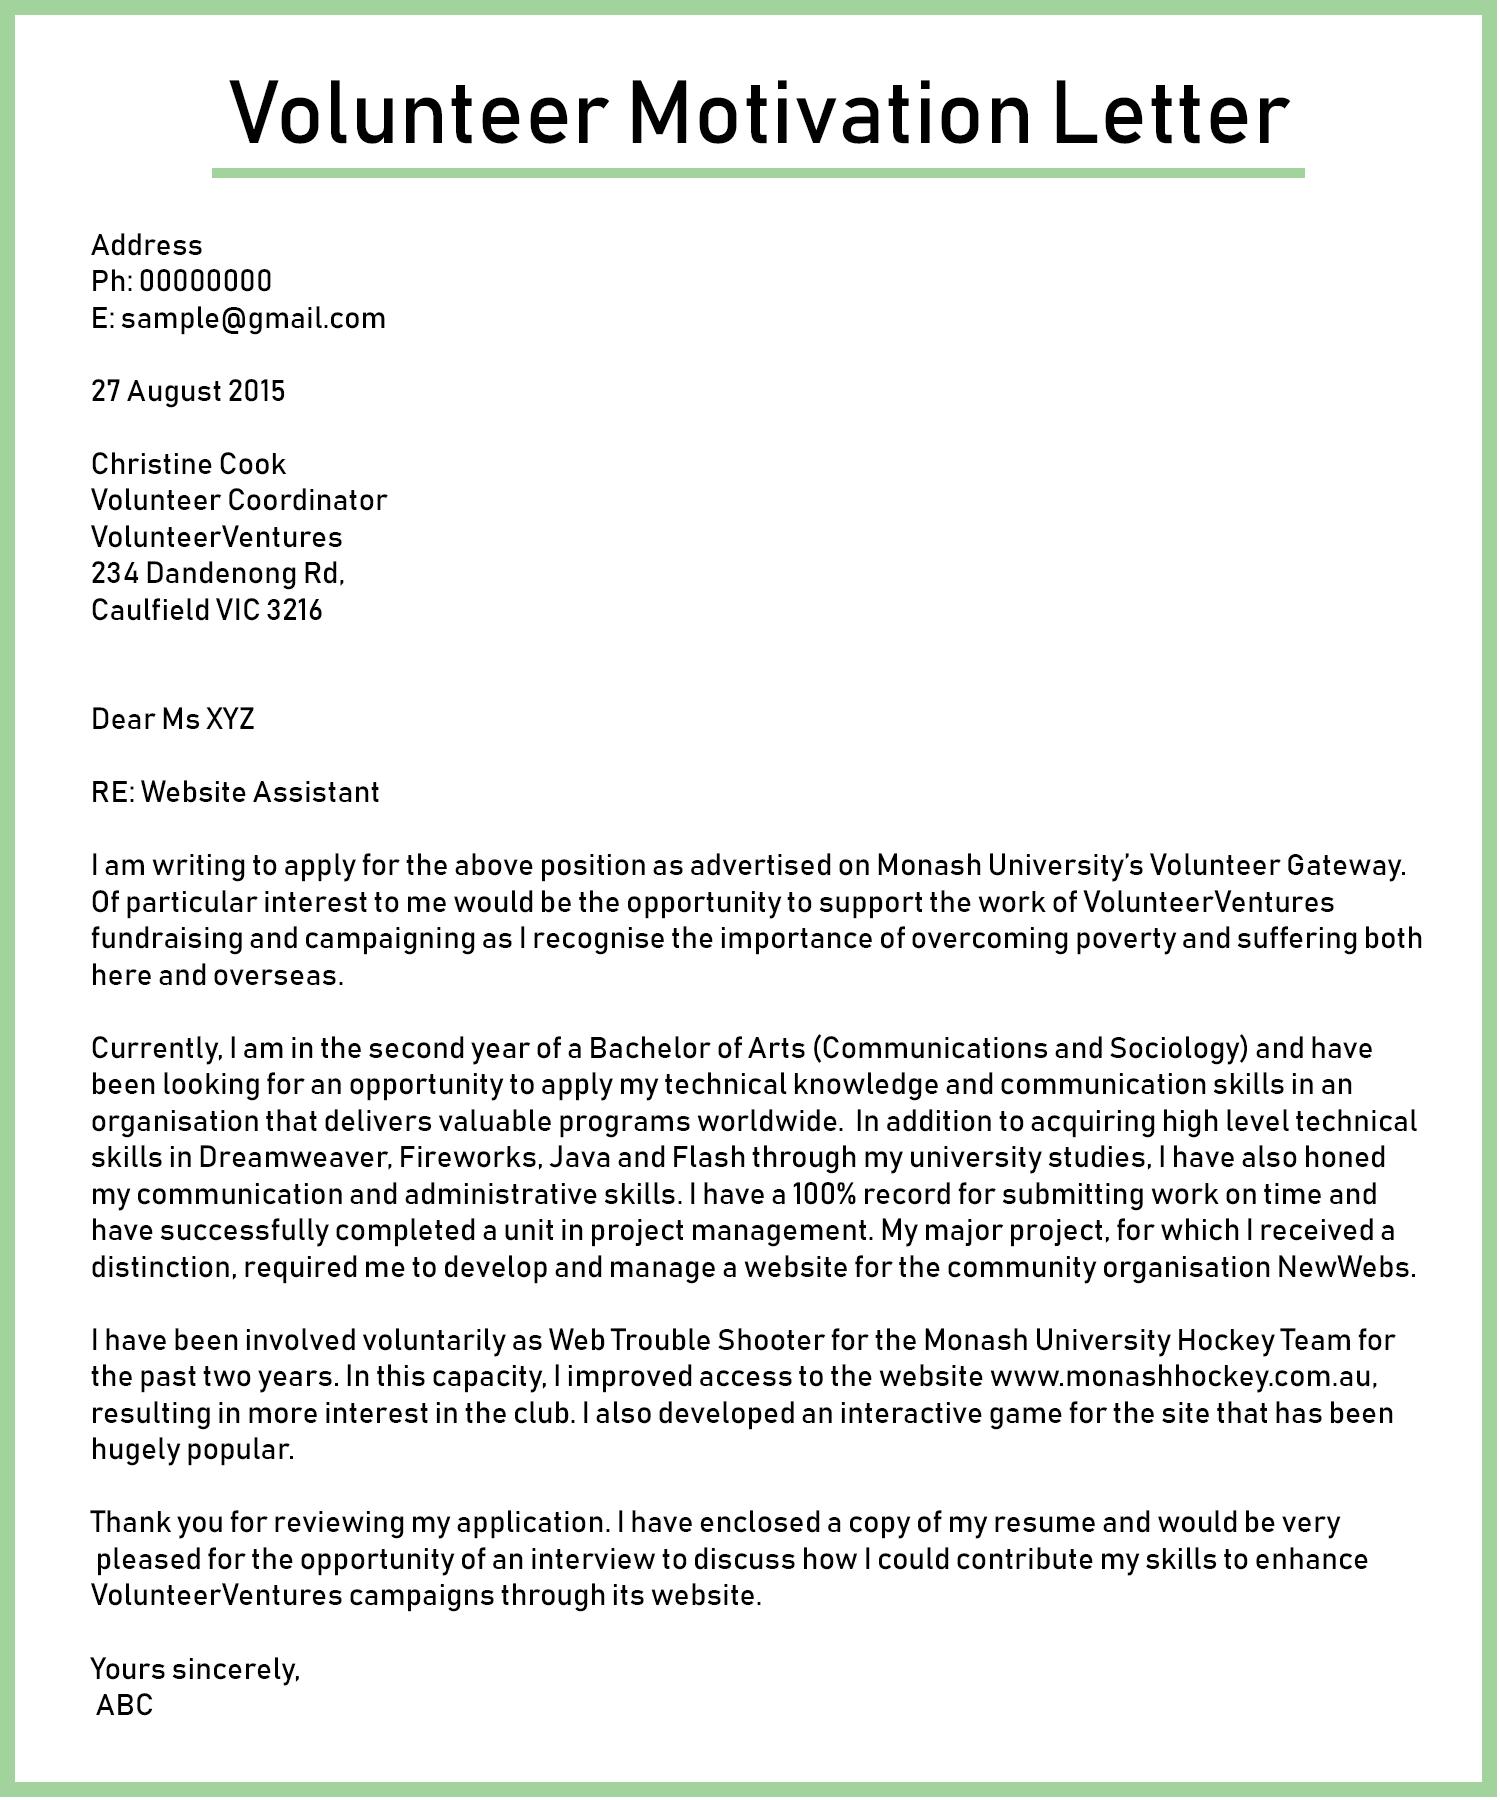 Volunteer-Motivation-Letter-2